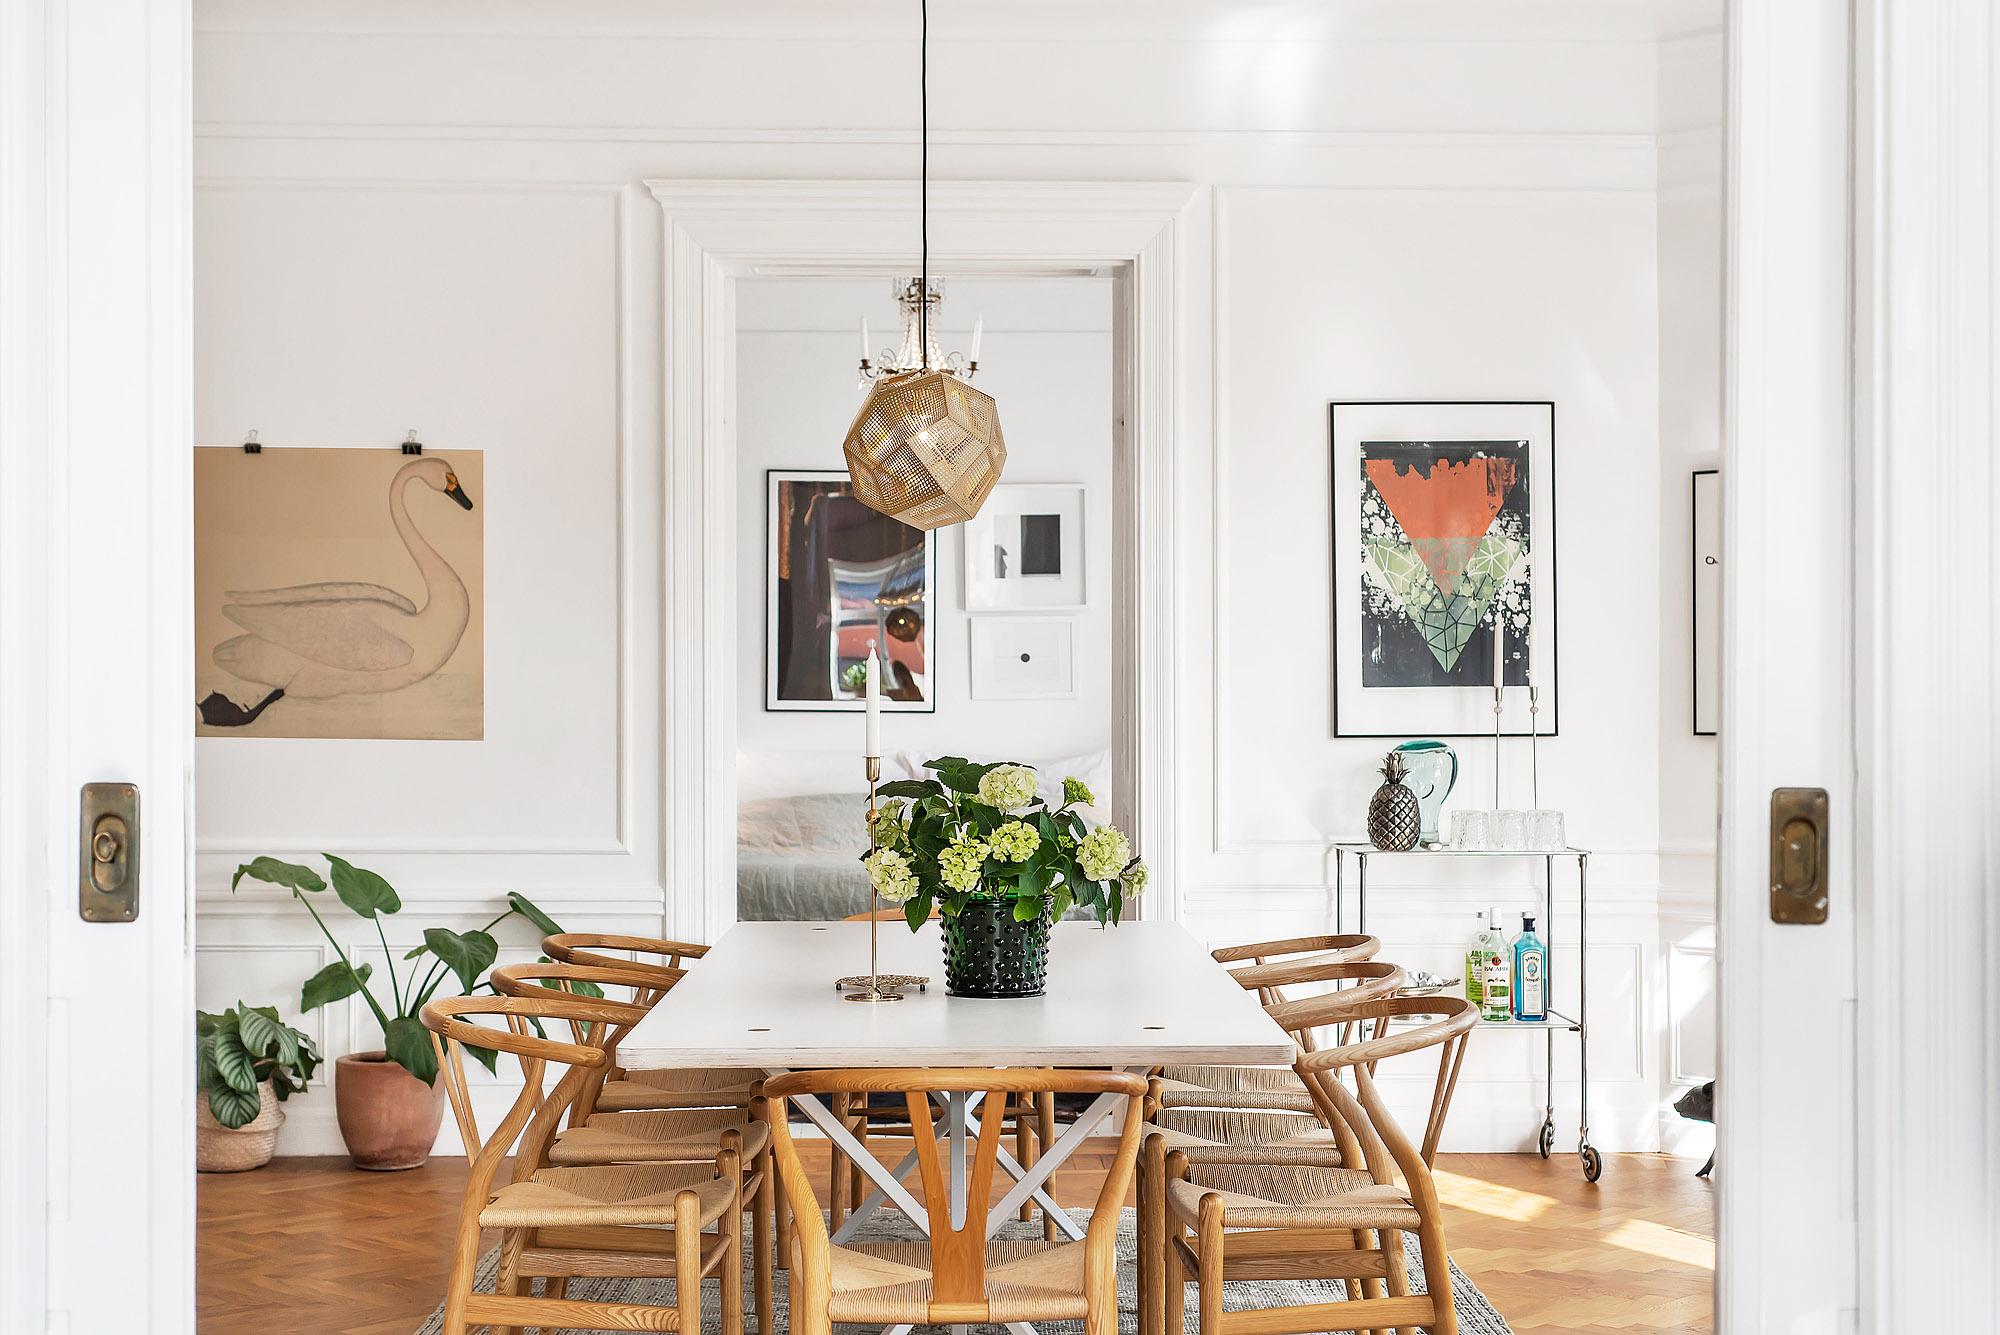 Căn hộ vì Bán tại Amazing art nouveau apartment Stockholm, Stockholm Thụy Điển